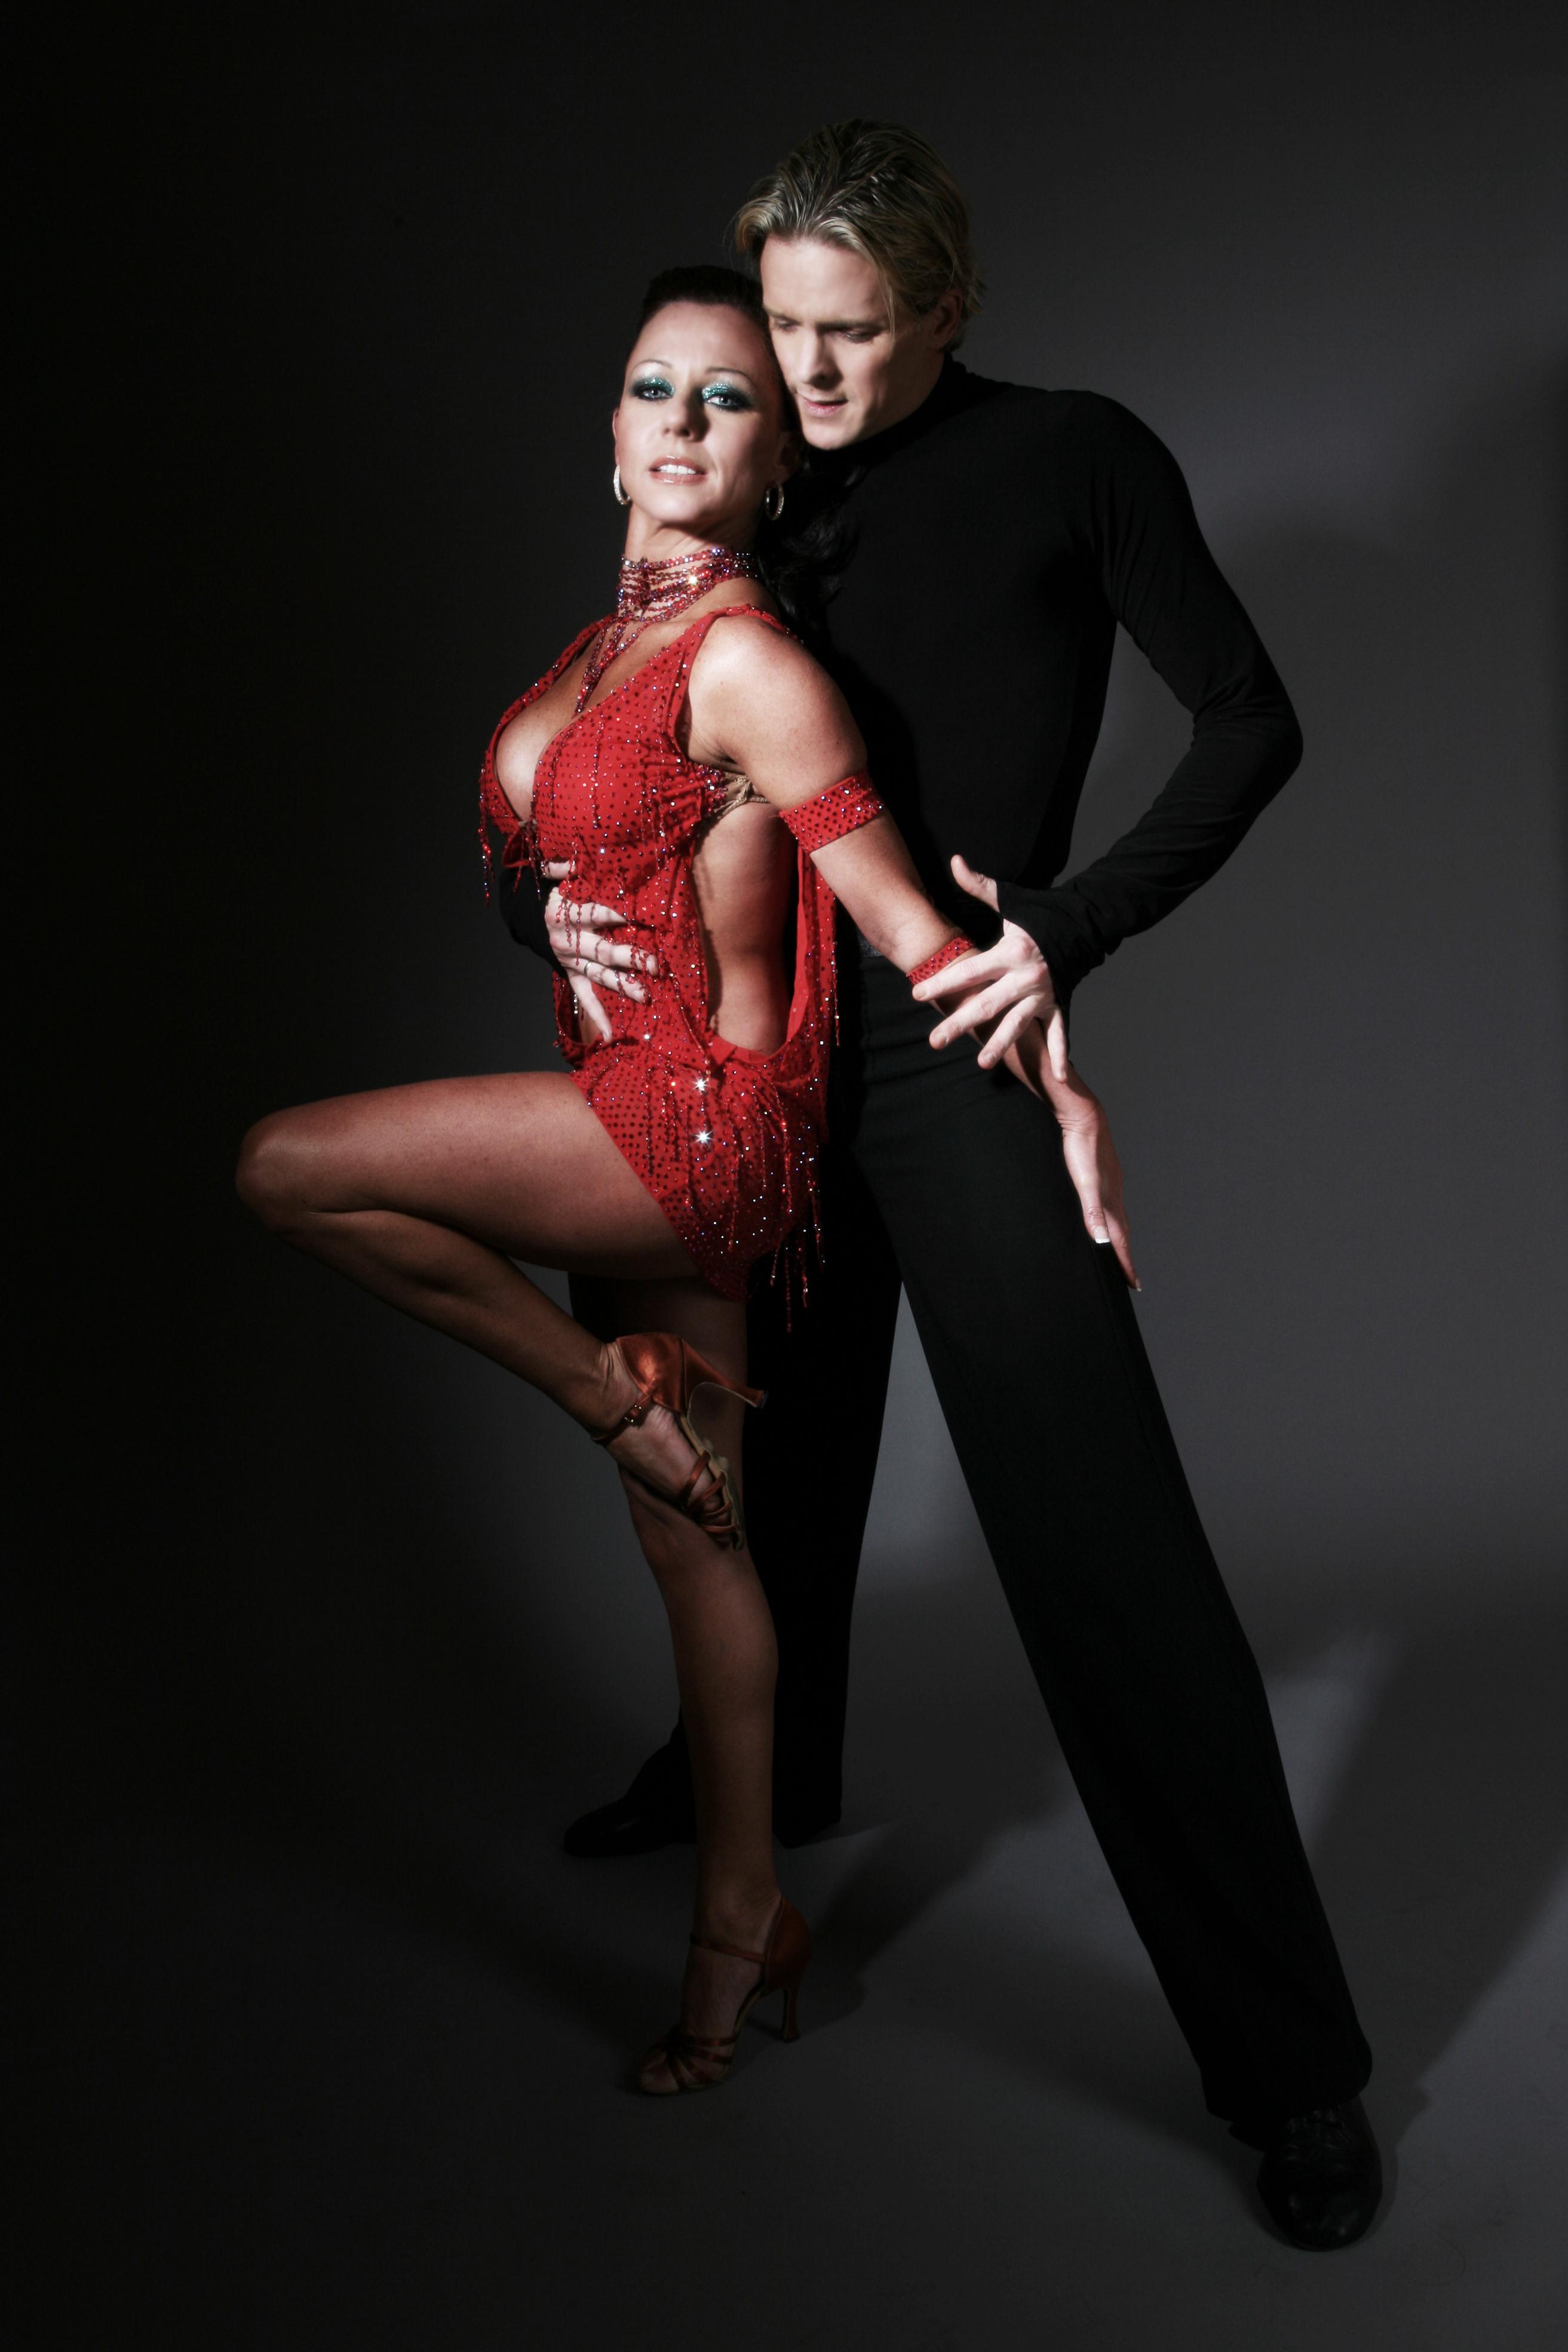 Matt & Nicole 2008